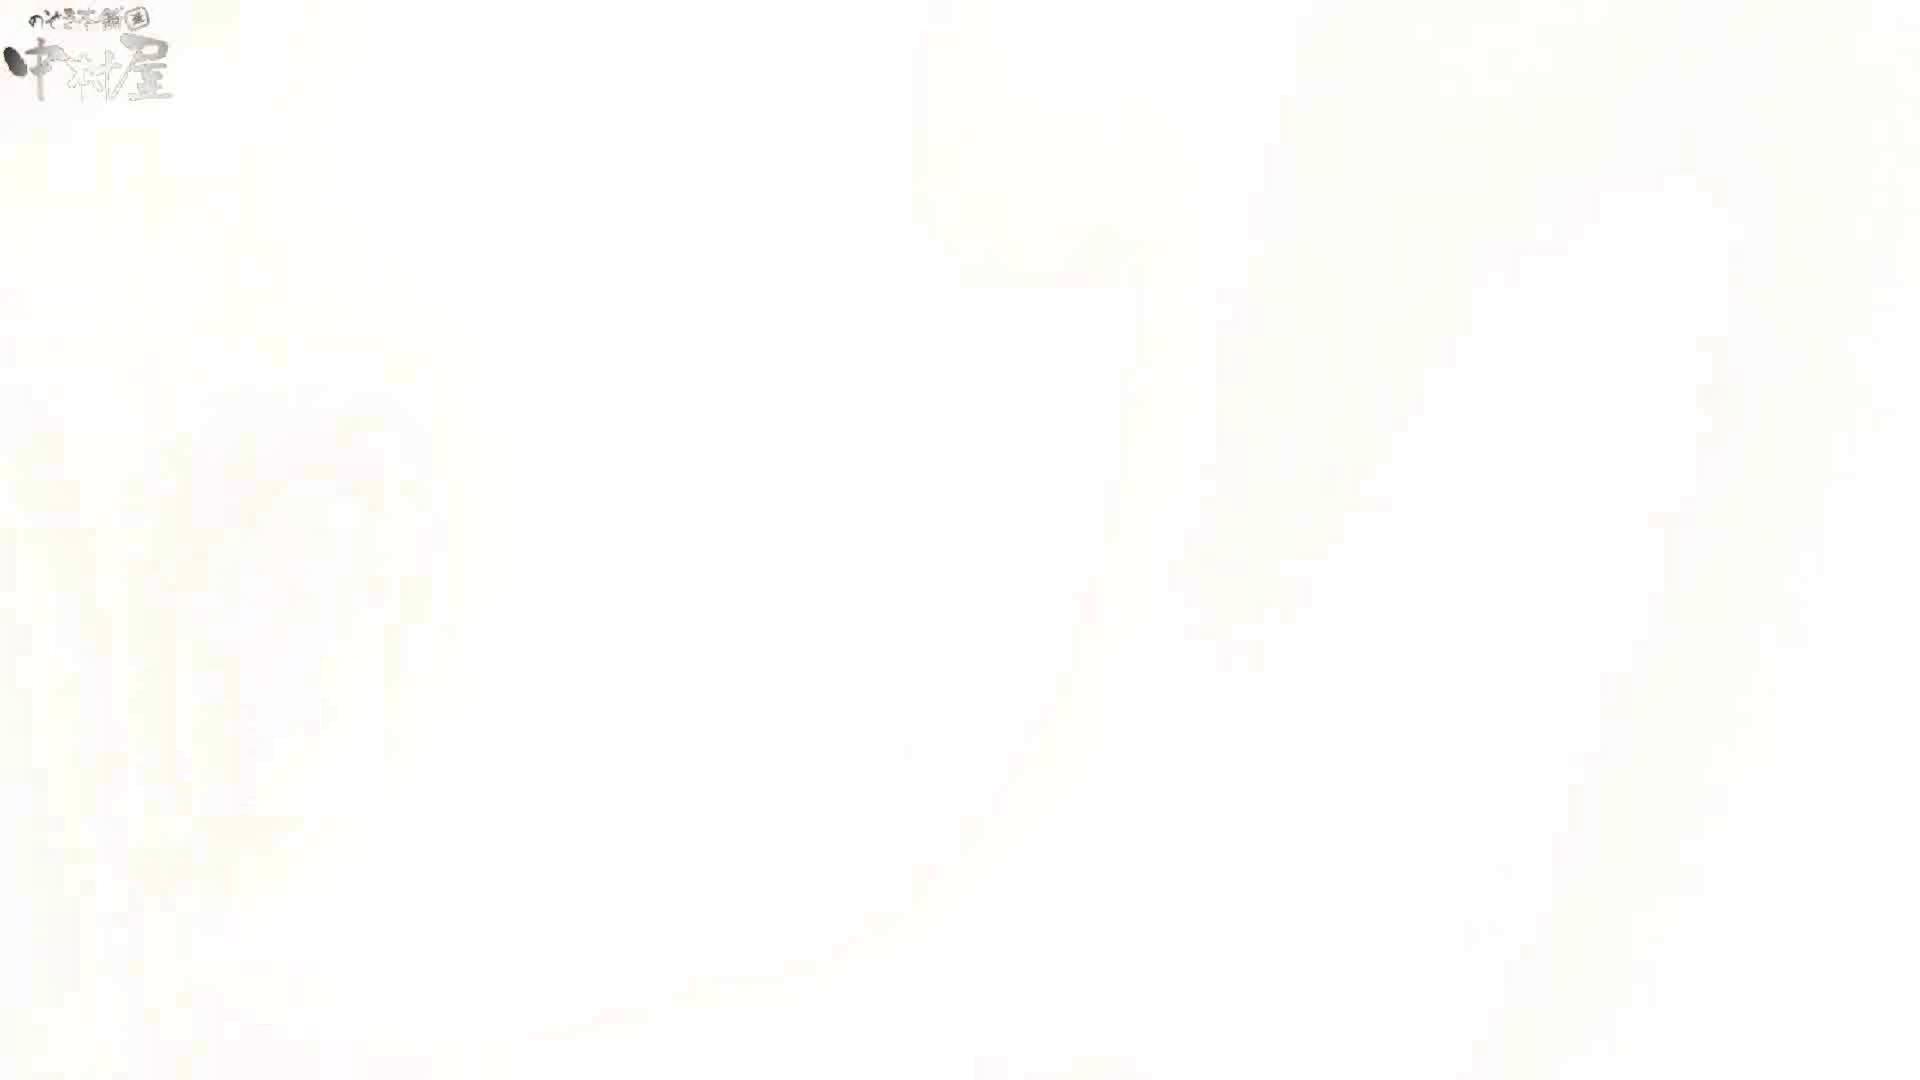 部活女子トイレ潜入編vol.1 OLのエロ生活 AV動画キャプチャ 67連発 22